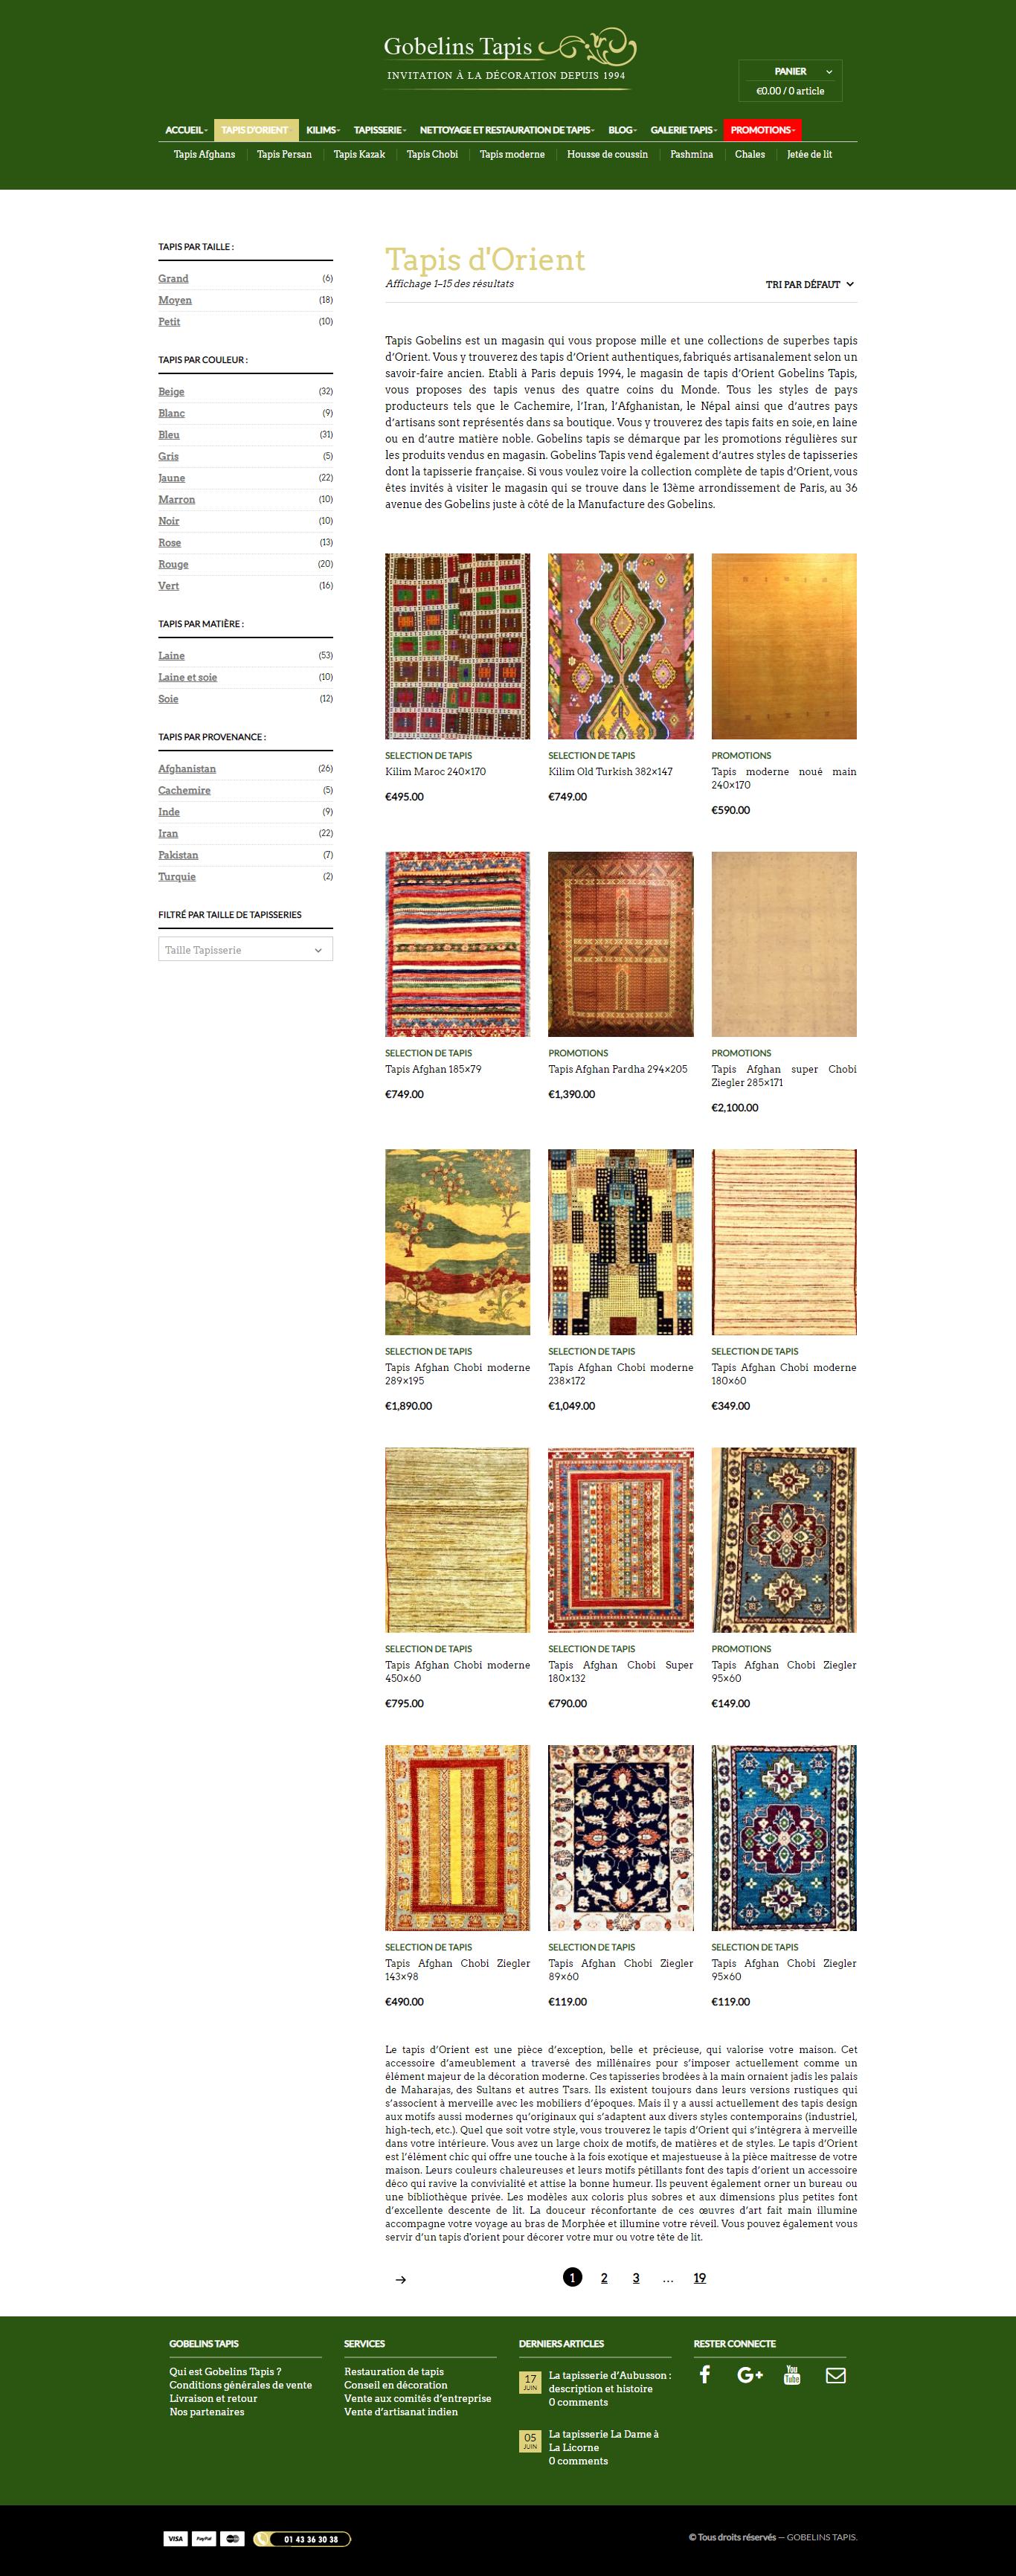 Galerie Tapis Gobelins-tapis.com